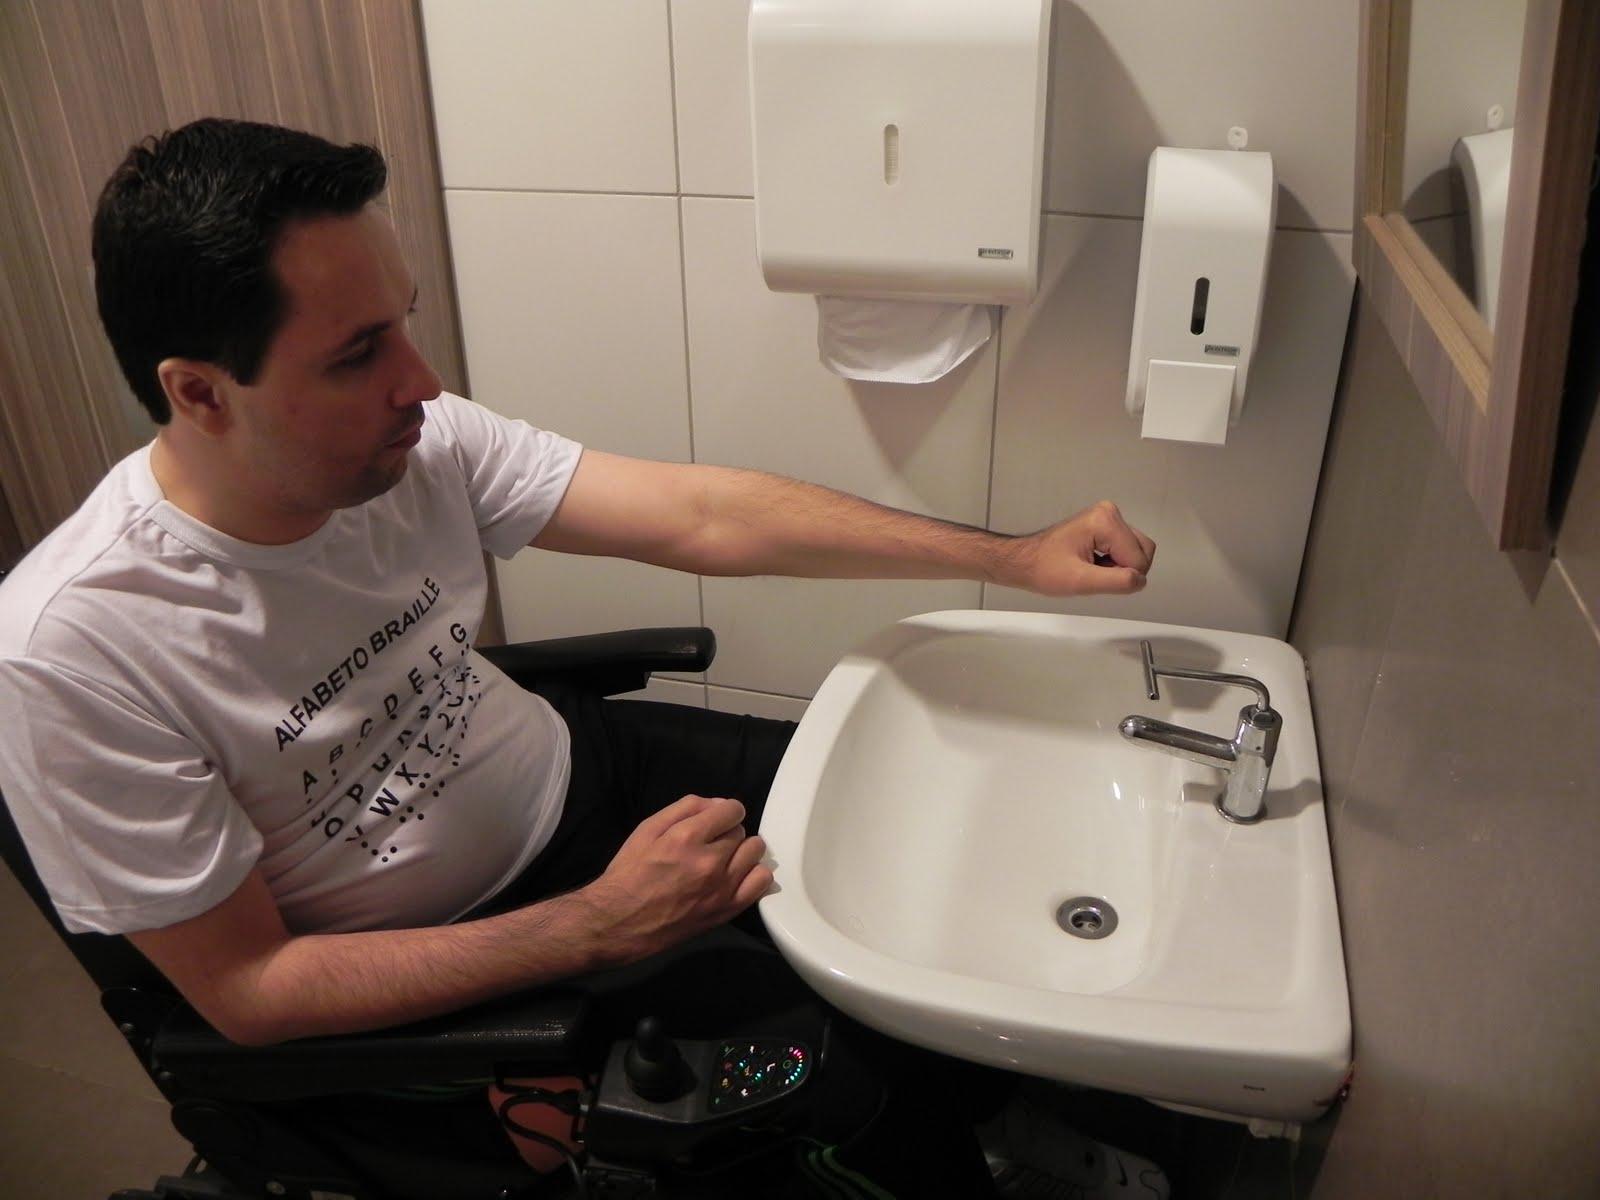 superfície do piso do sanitário é regular firme e antiderrapante  #8A5641 1600x1200 Banheiro Acessivel Com Pia